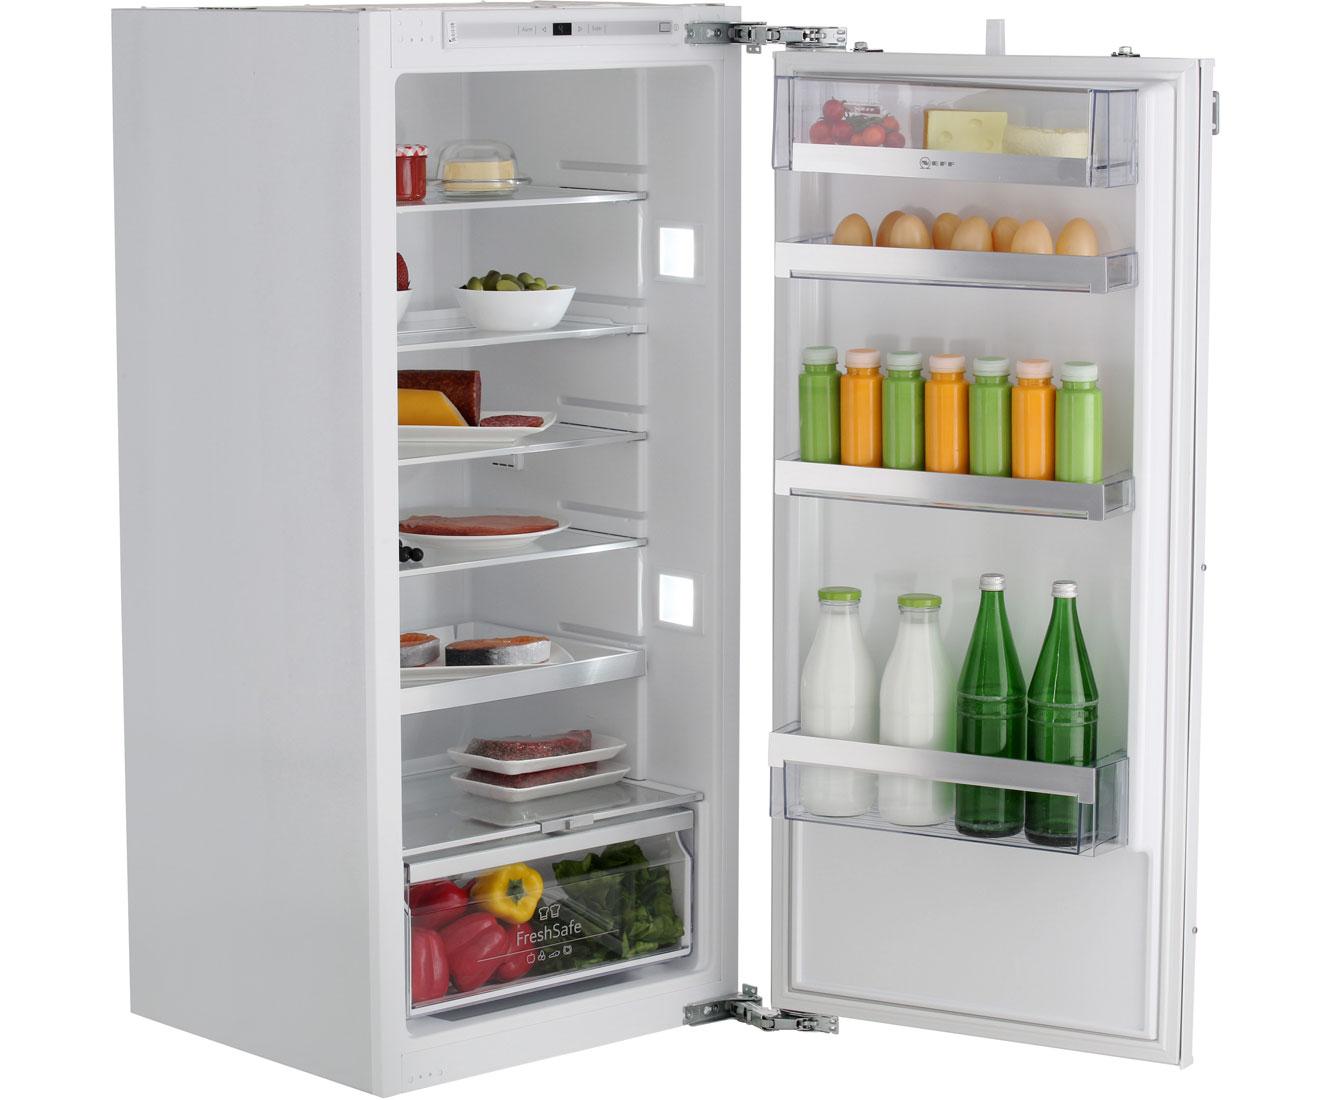 Bomann Kühlschrank Beige : Rabatt preisvergleich weiße ware u e kühlen gefrieren u e kühlschrank